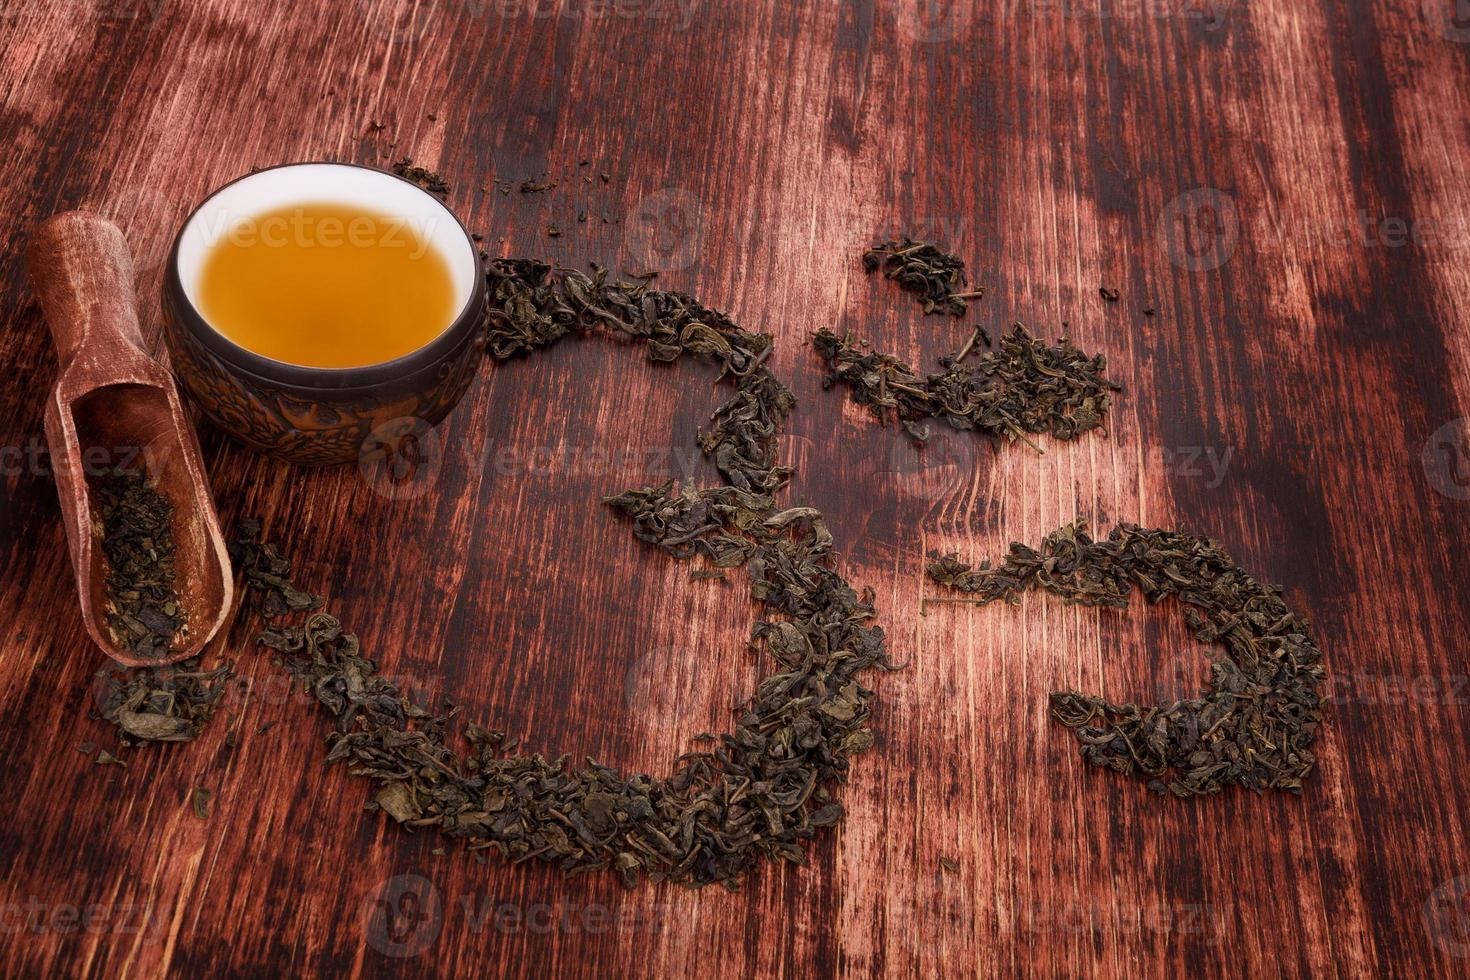 boire du thé traditionnel. photo